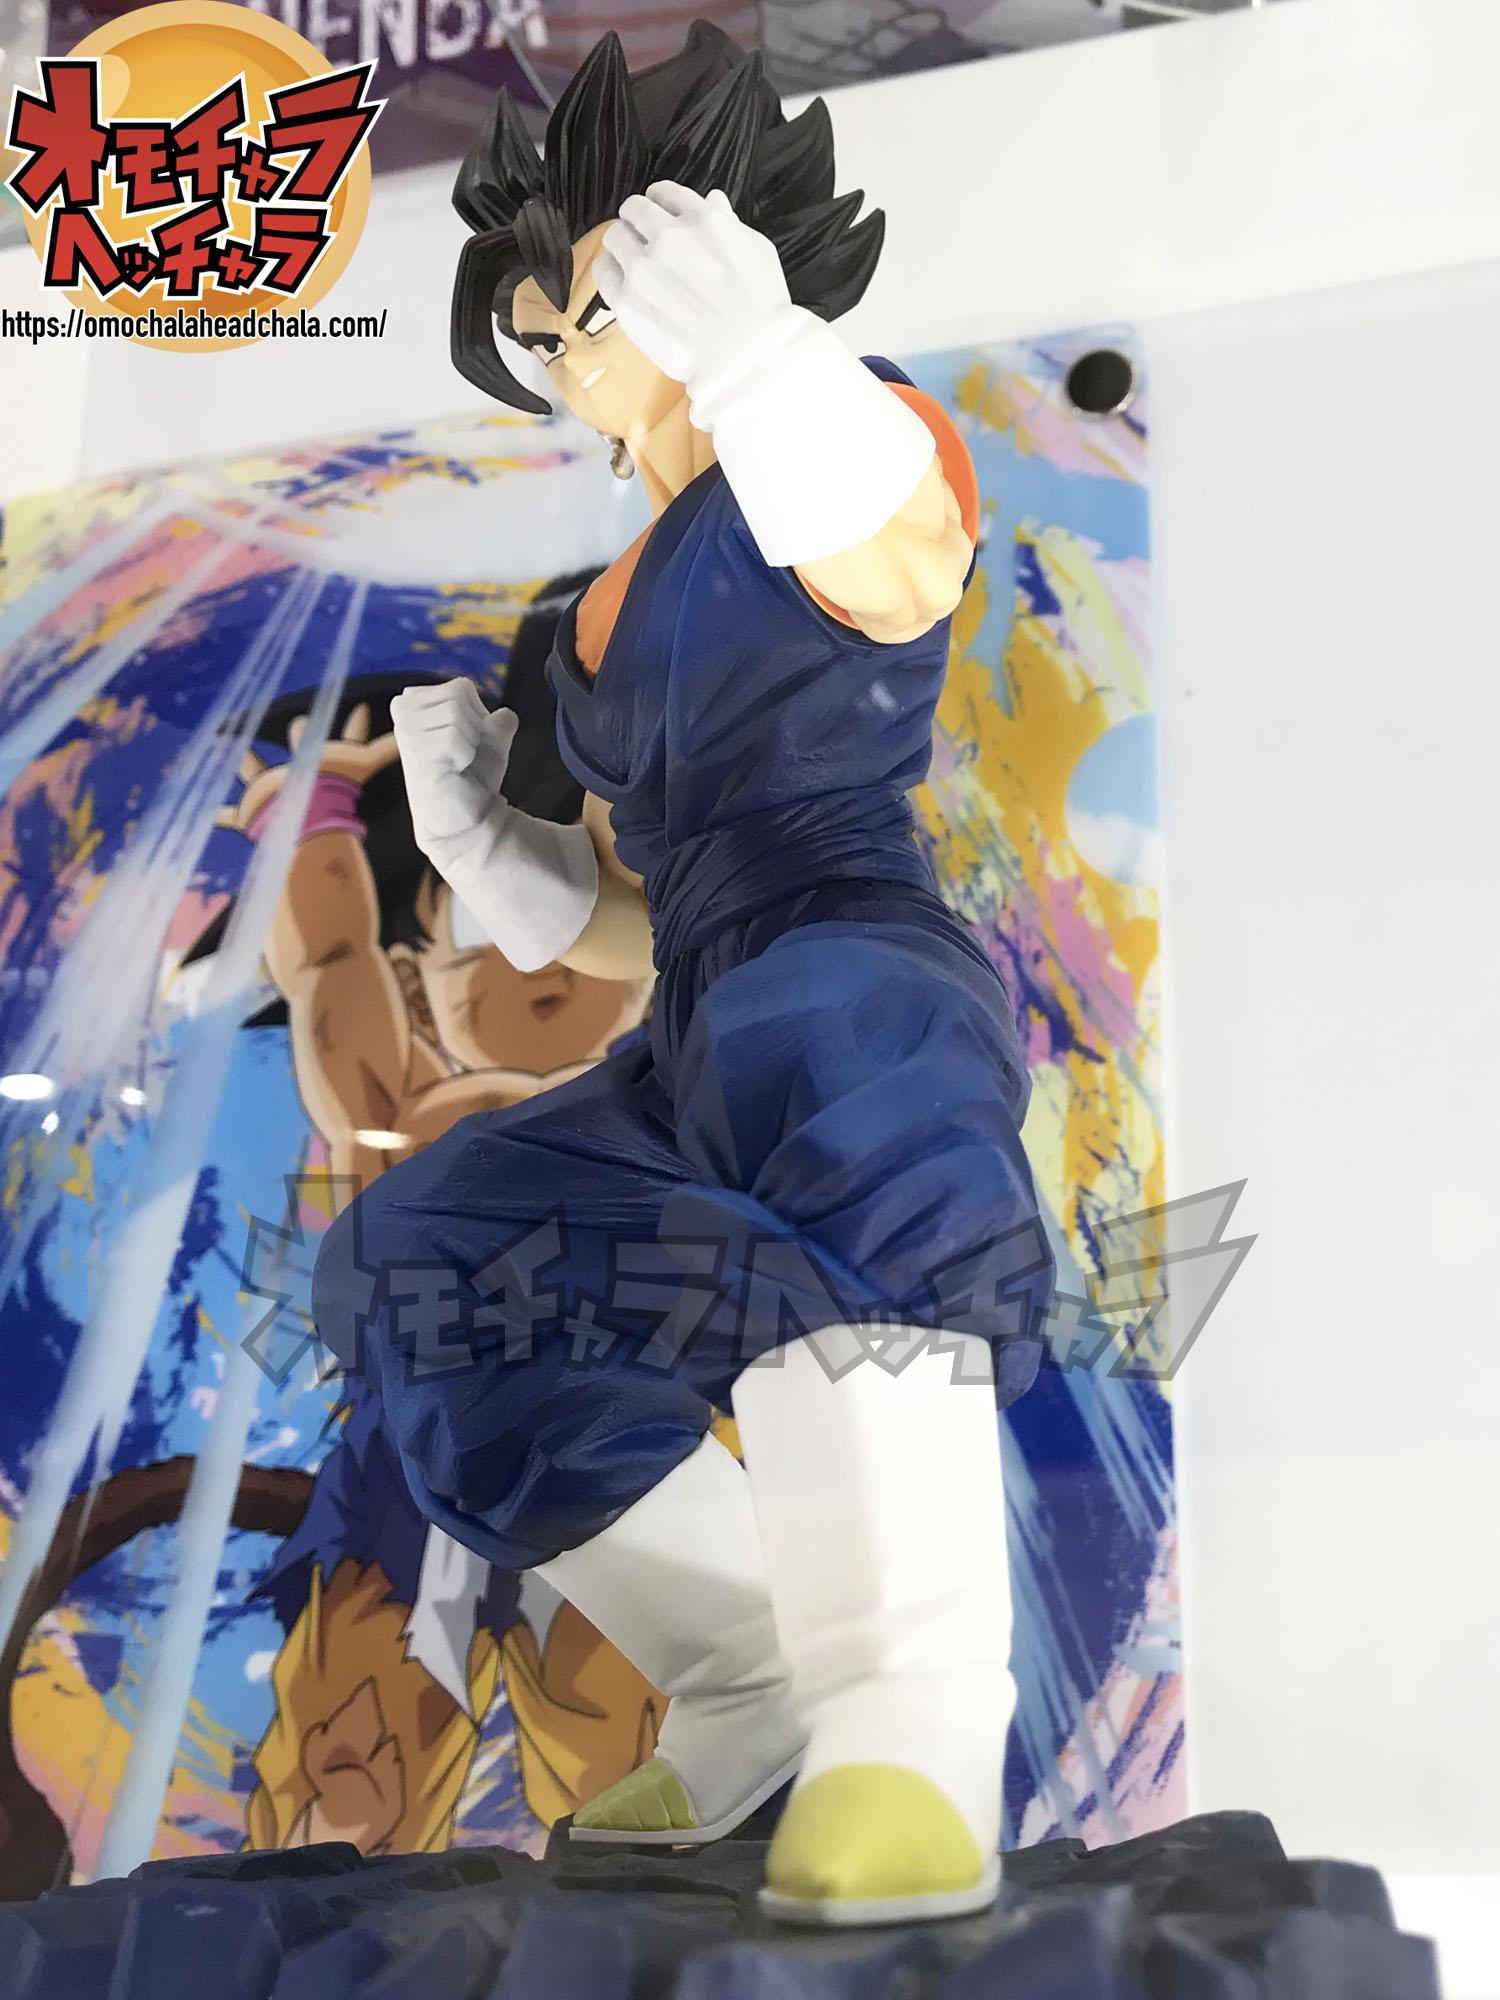 一番くじ ドラゴンボール Awakening warriors with ドラゴンボールZ ドッカンバトル ラストワン賞「ベジットフィギュア」